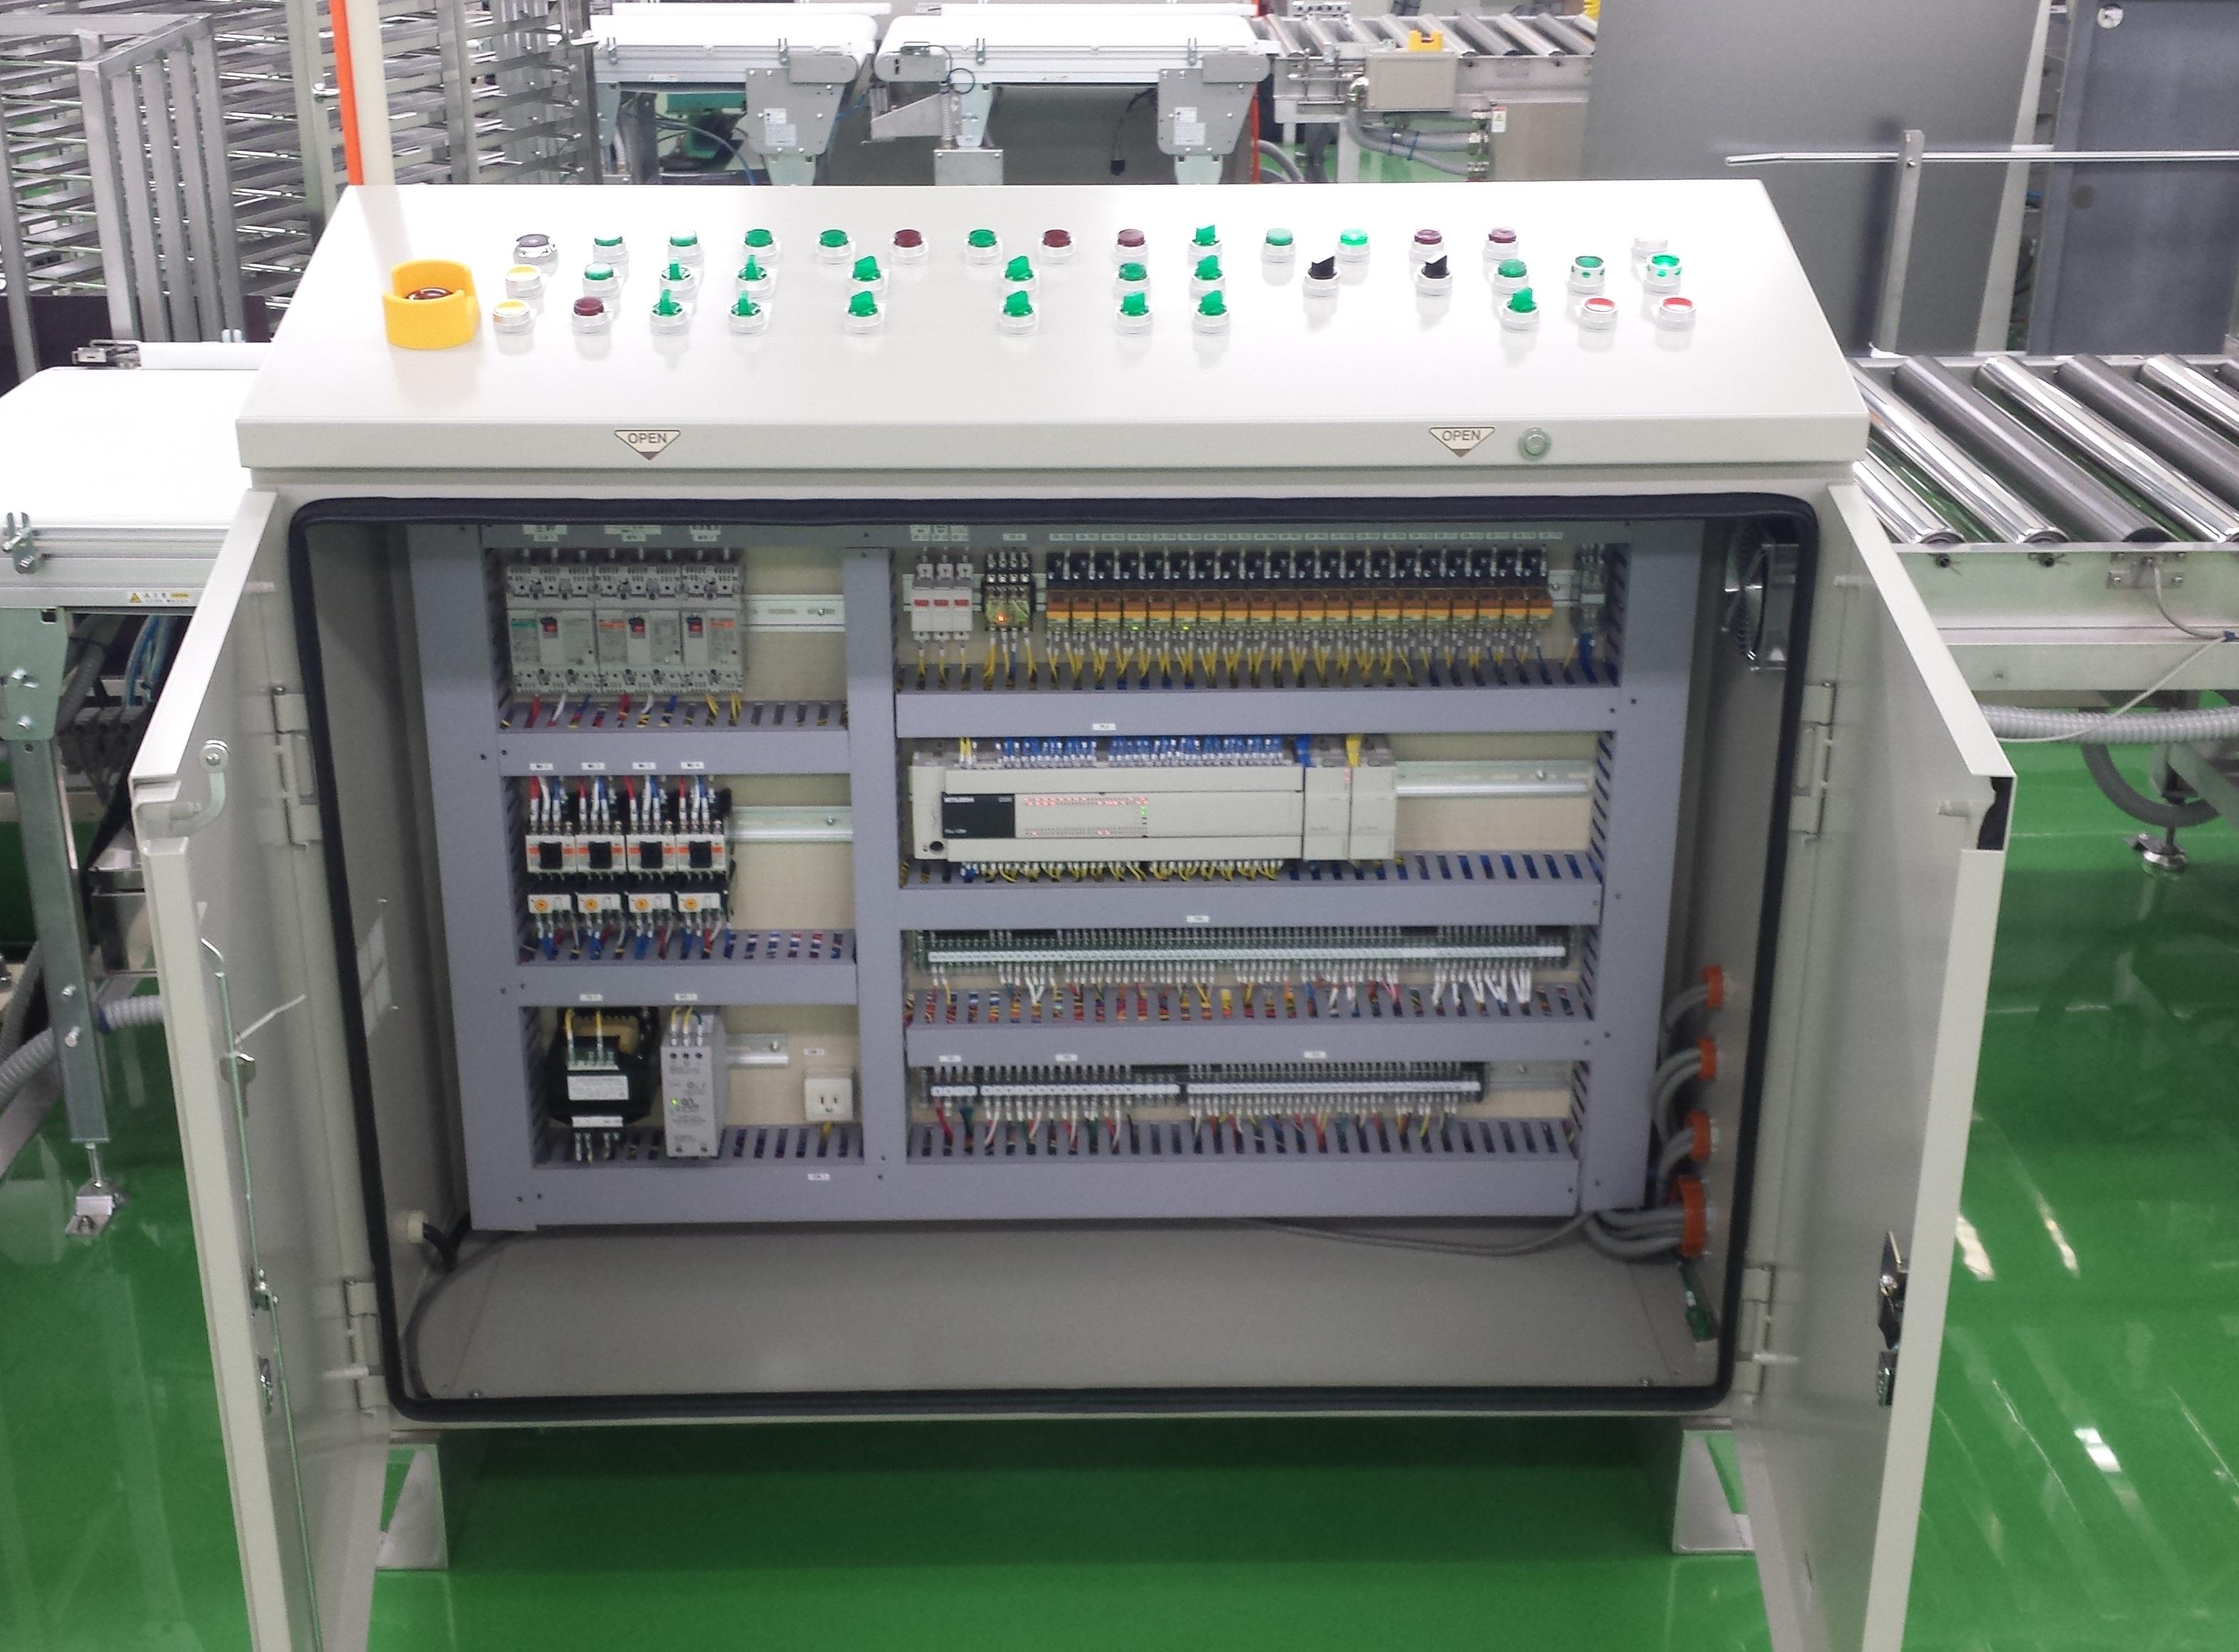 関西、制御系ソフトウェア開発(通信・ネットワーク・IoT関連